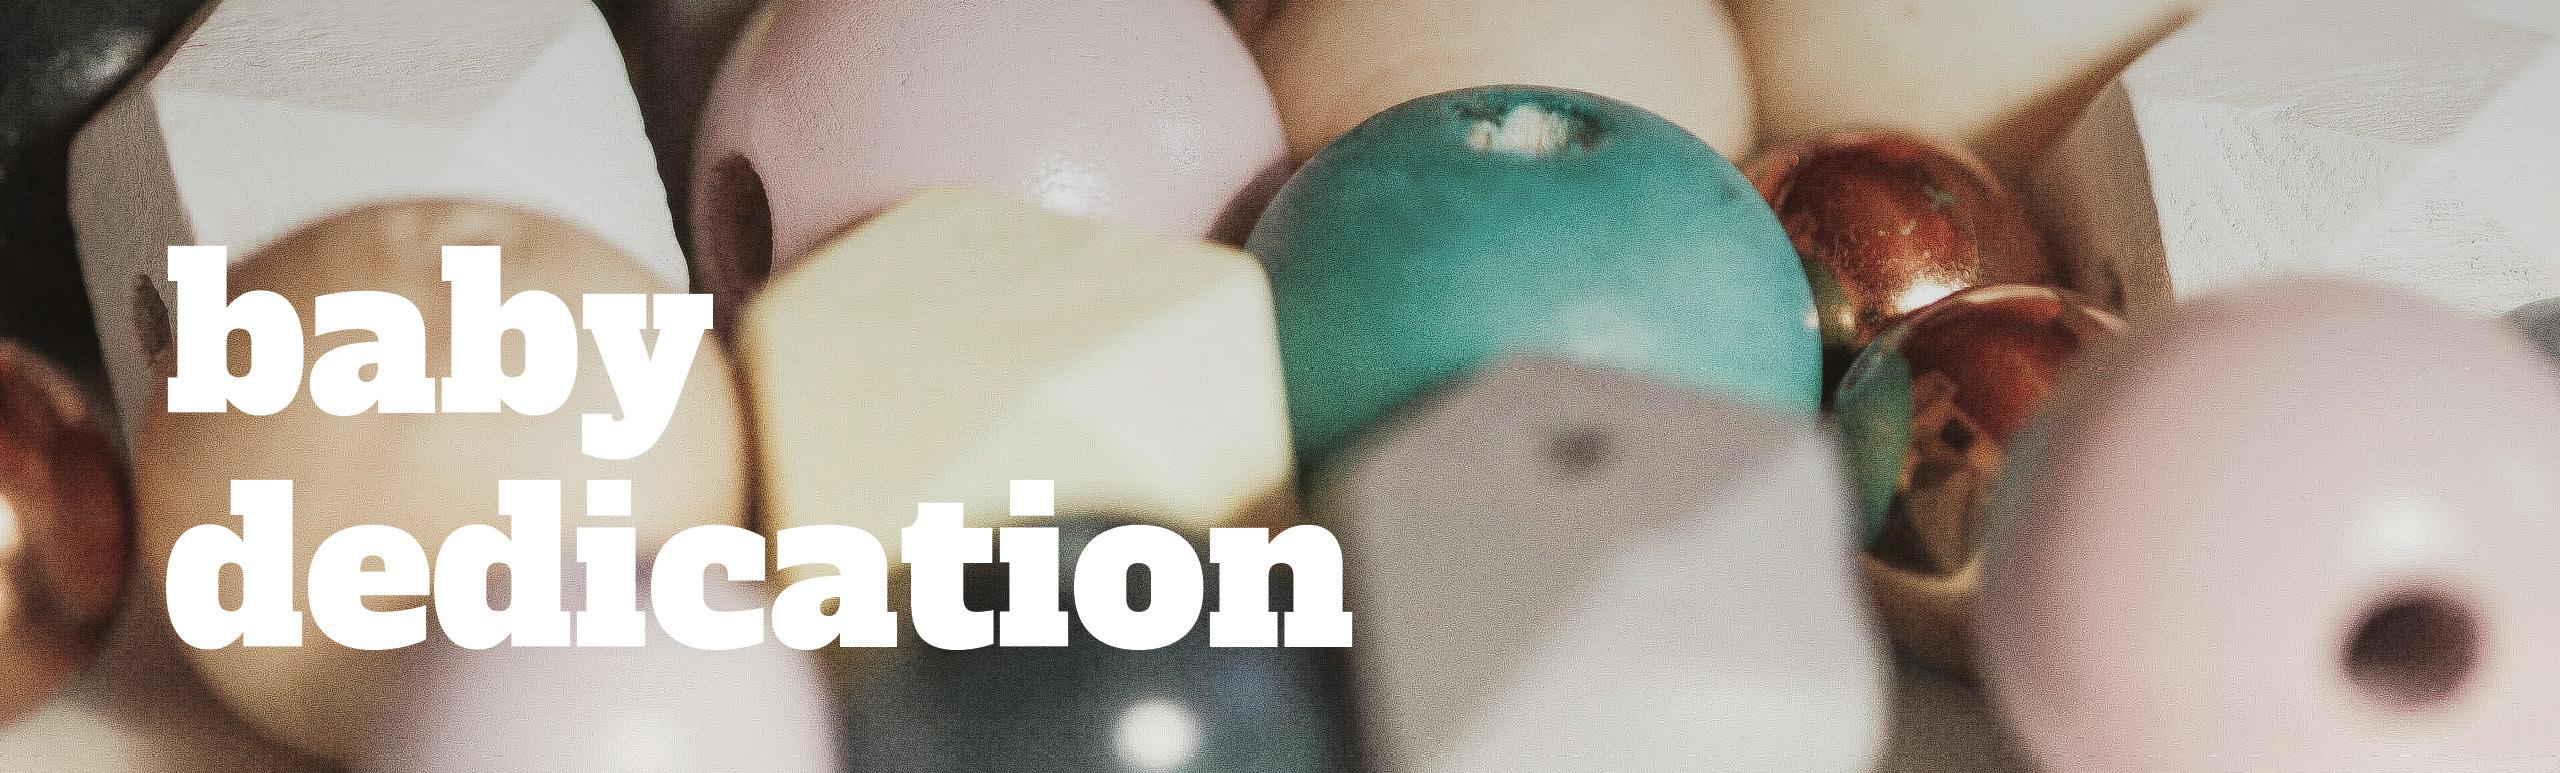 BCF_BabyDedication-dig_r34